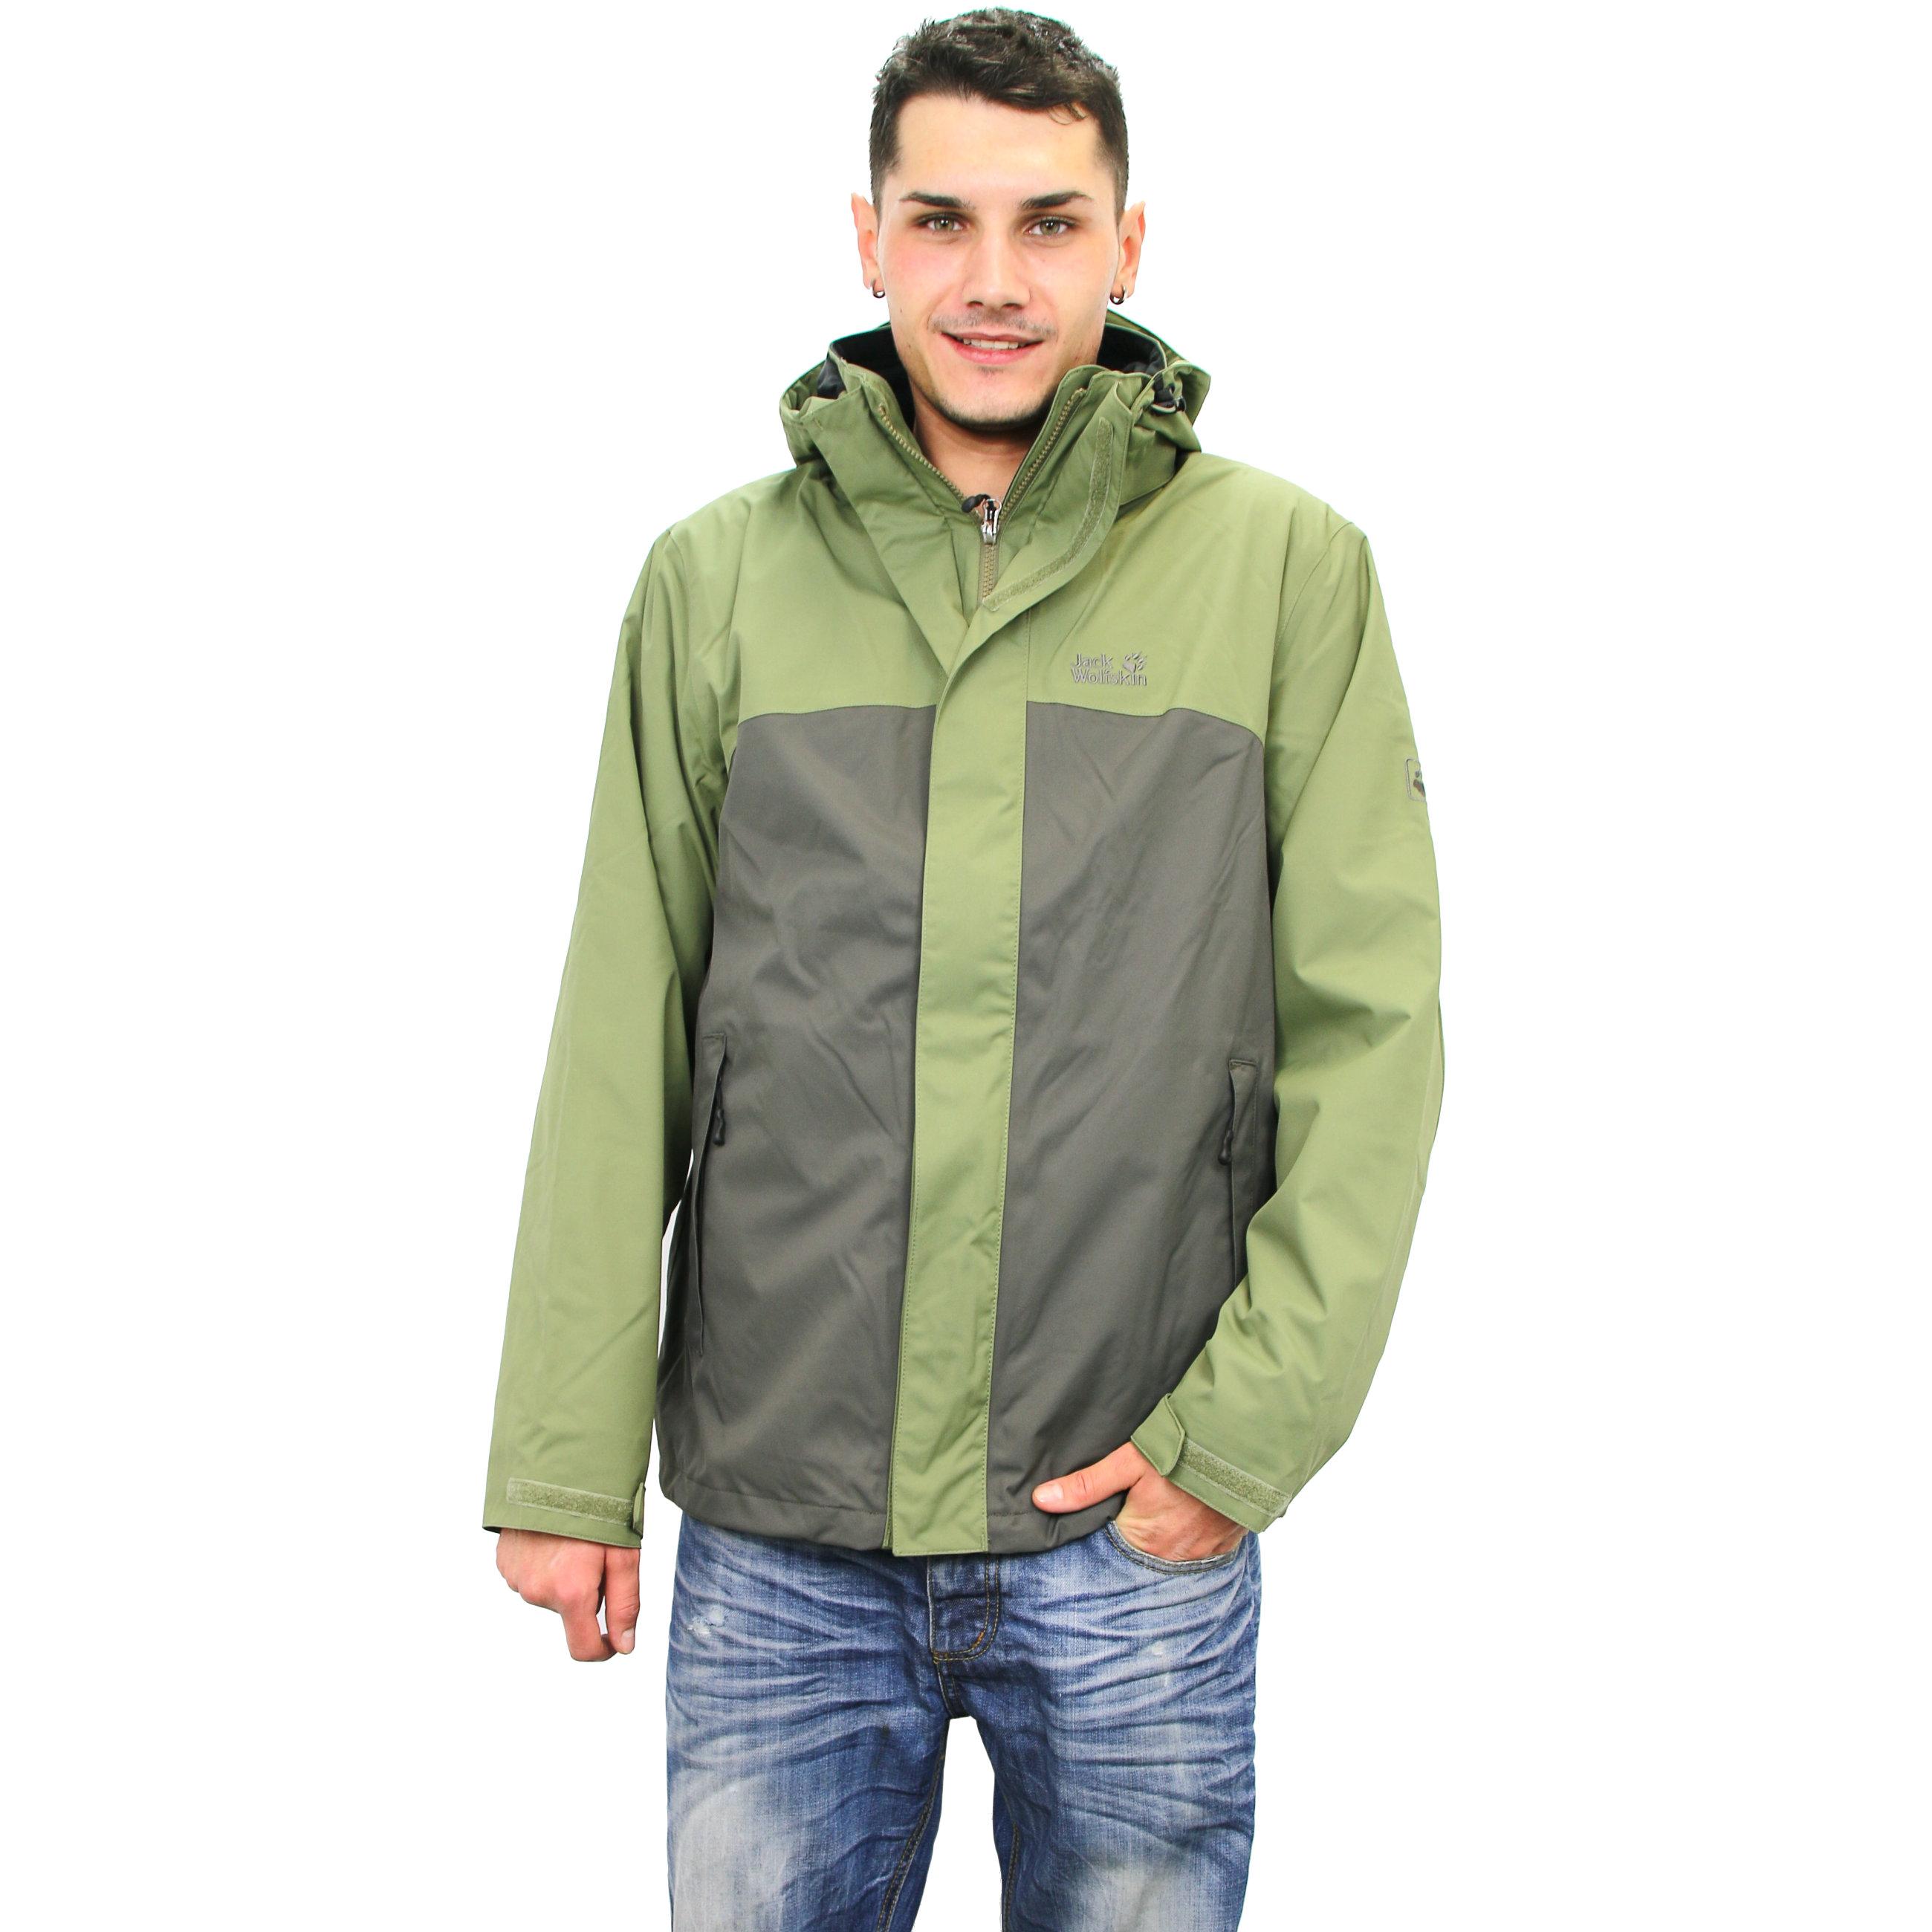 jack wolfskin montero jacket jacke wanderjacke winterjacke. Black Bedroom Furniture Sets. Home Design Ideas